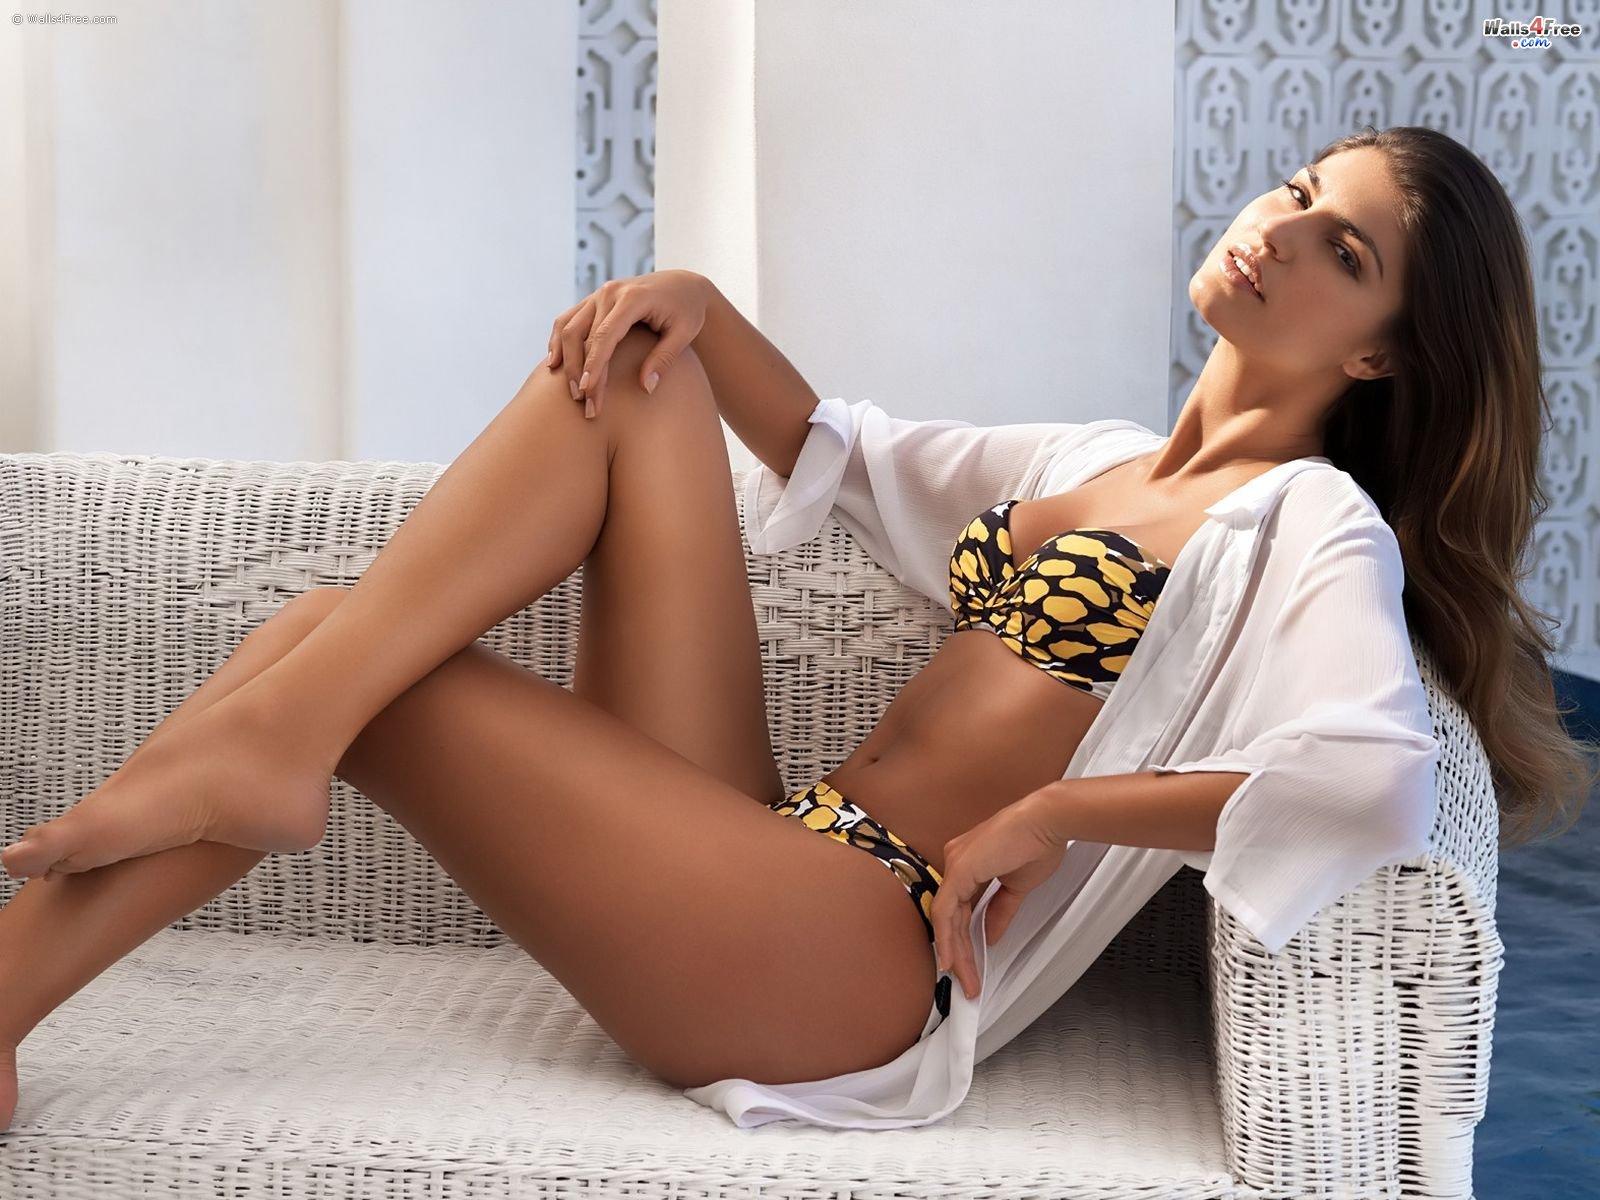 http://4.bp.blogspot.com/--7ofZMssiNg/TjgZ6t6XclI/AAAAAAAACsg/6AE-W1uo7aE/s1600/Hot+Girls+Wallpapers+%252850%2529.jpg